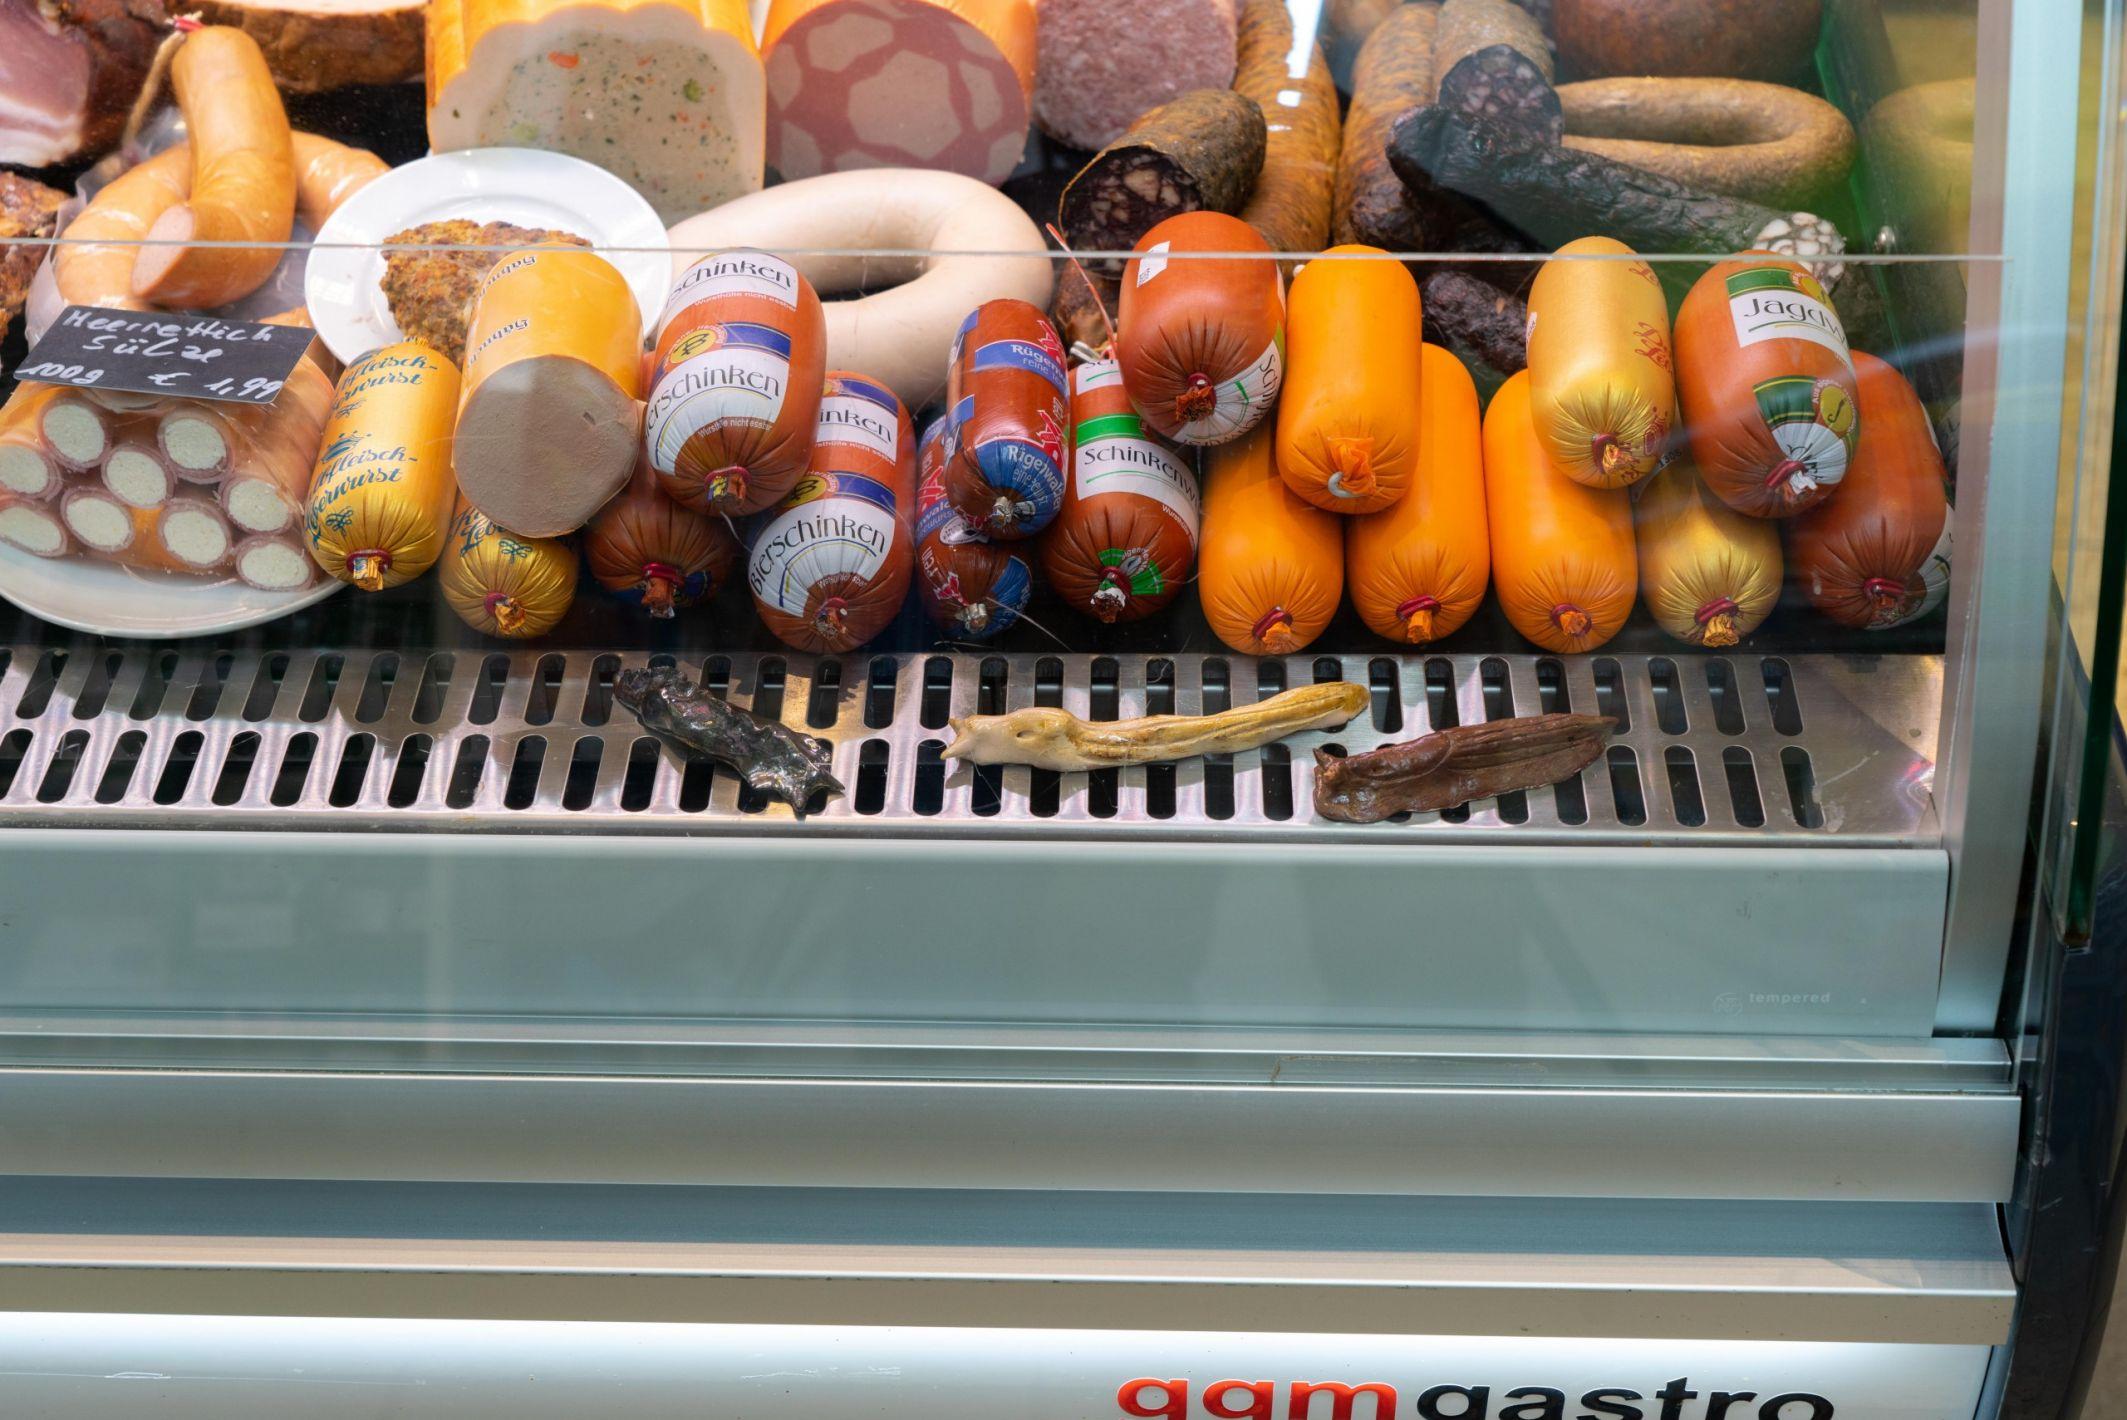 nicht Fisch, nicht Fleisch | Dominika Bednarsky | 18.07. — 26.09.2021